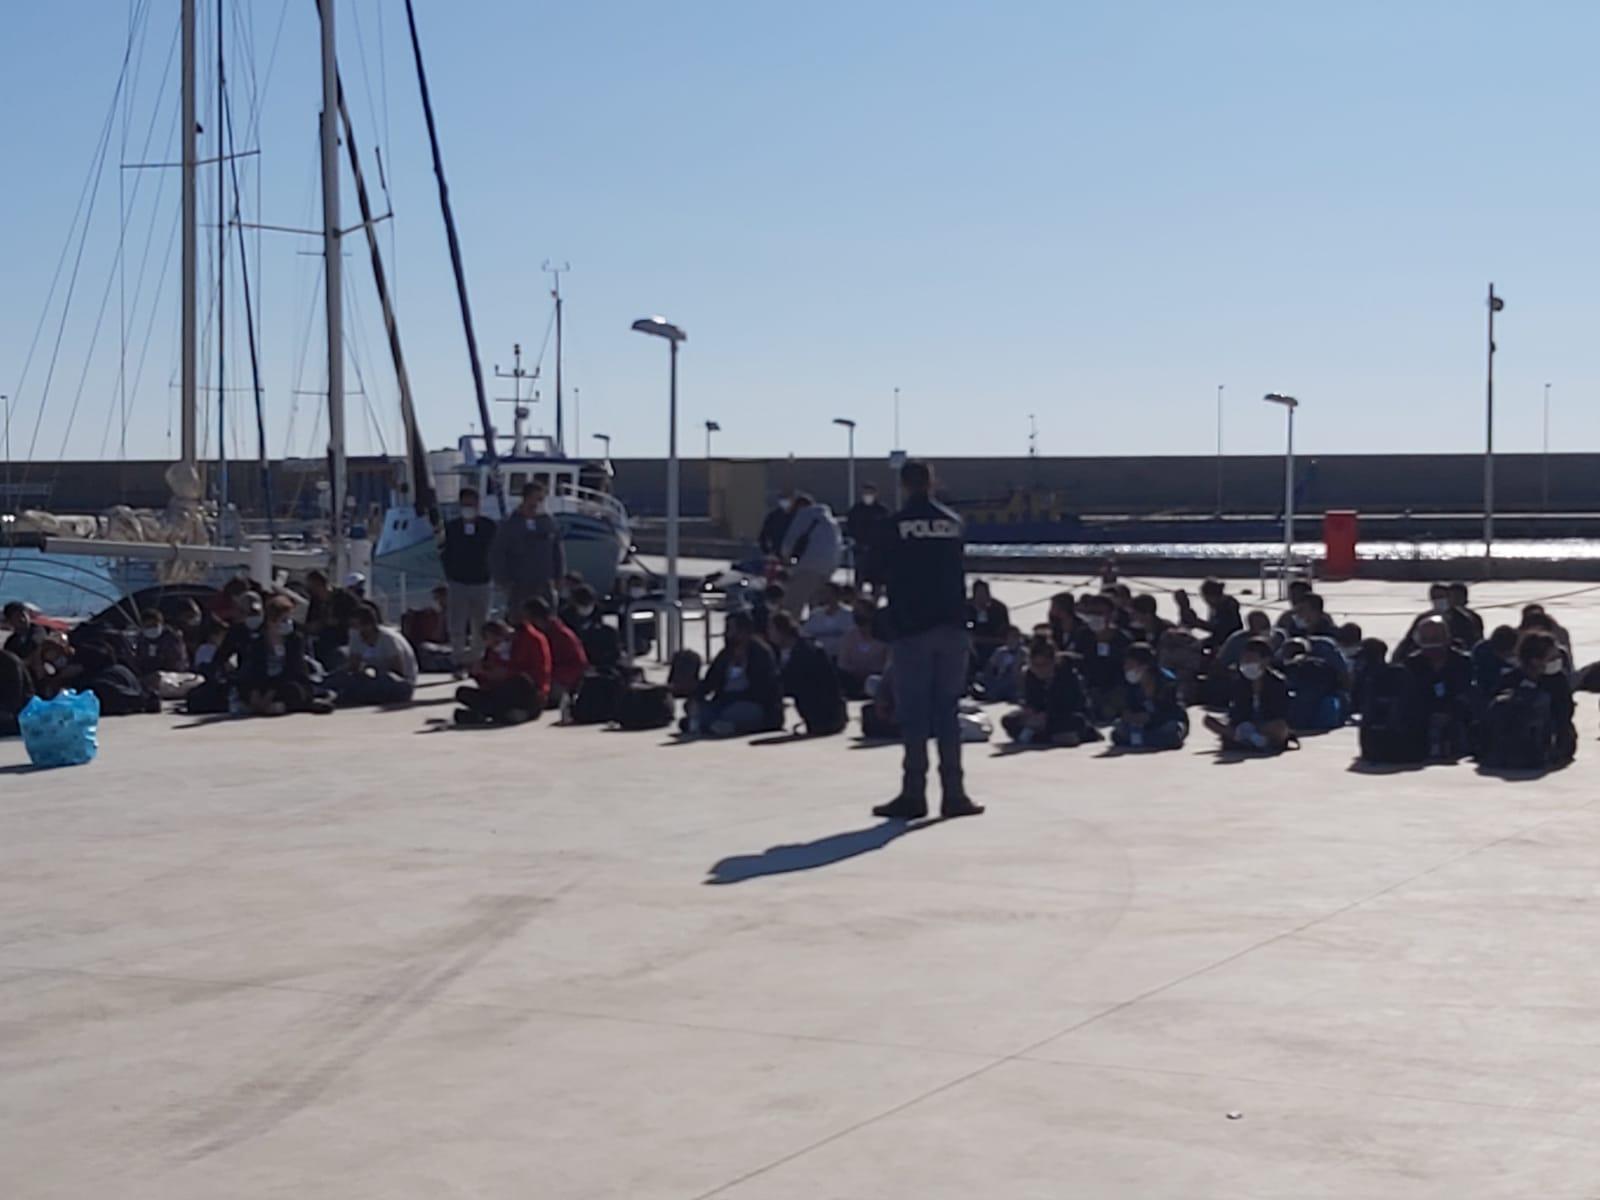 Nuovo sbarco a Roccella Jonica, arrivati 98 migranti. Tanti bambini